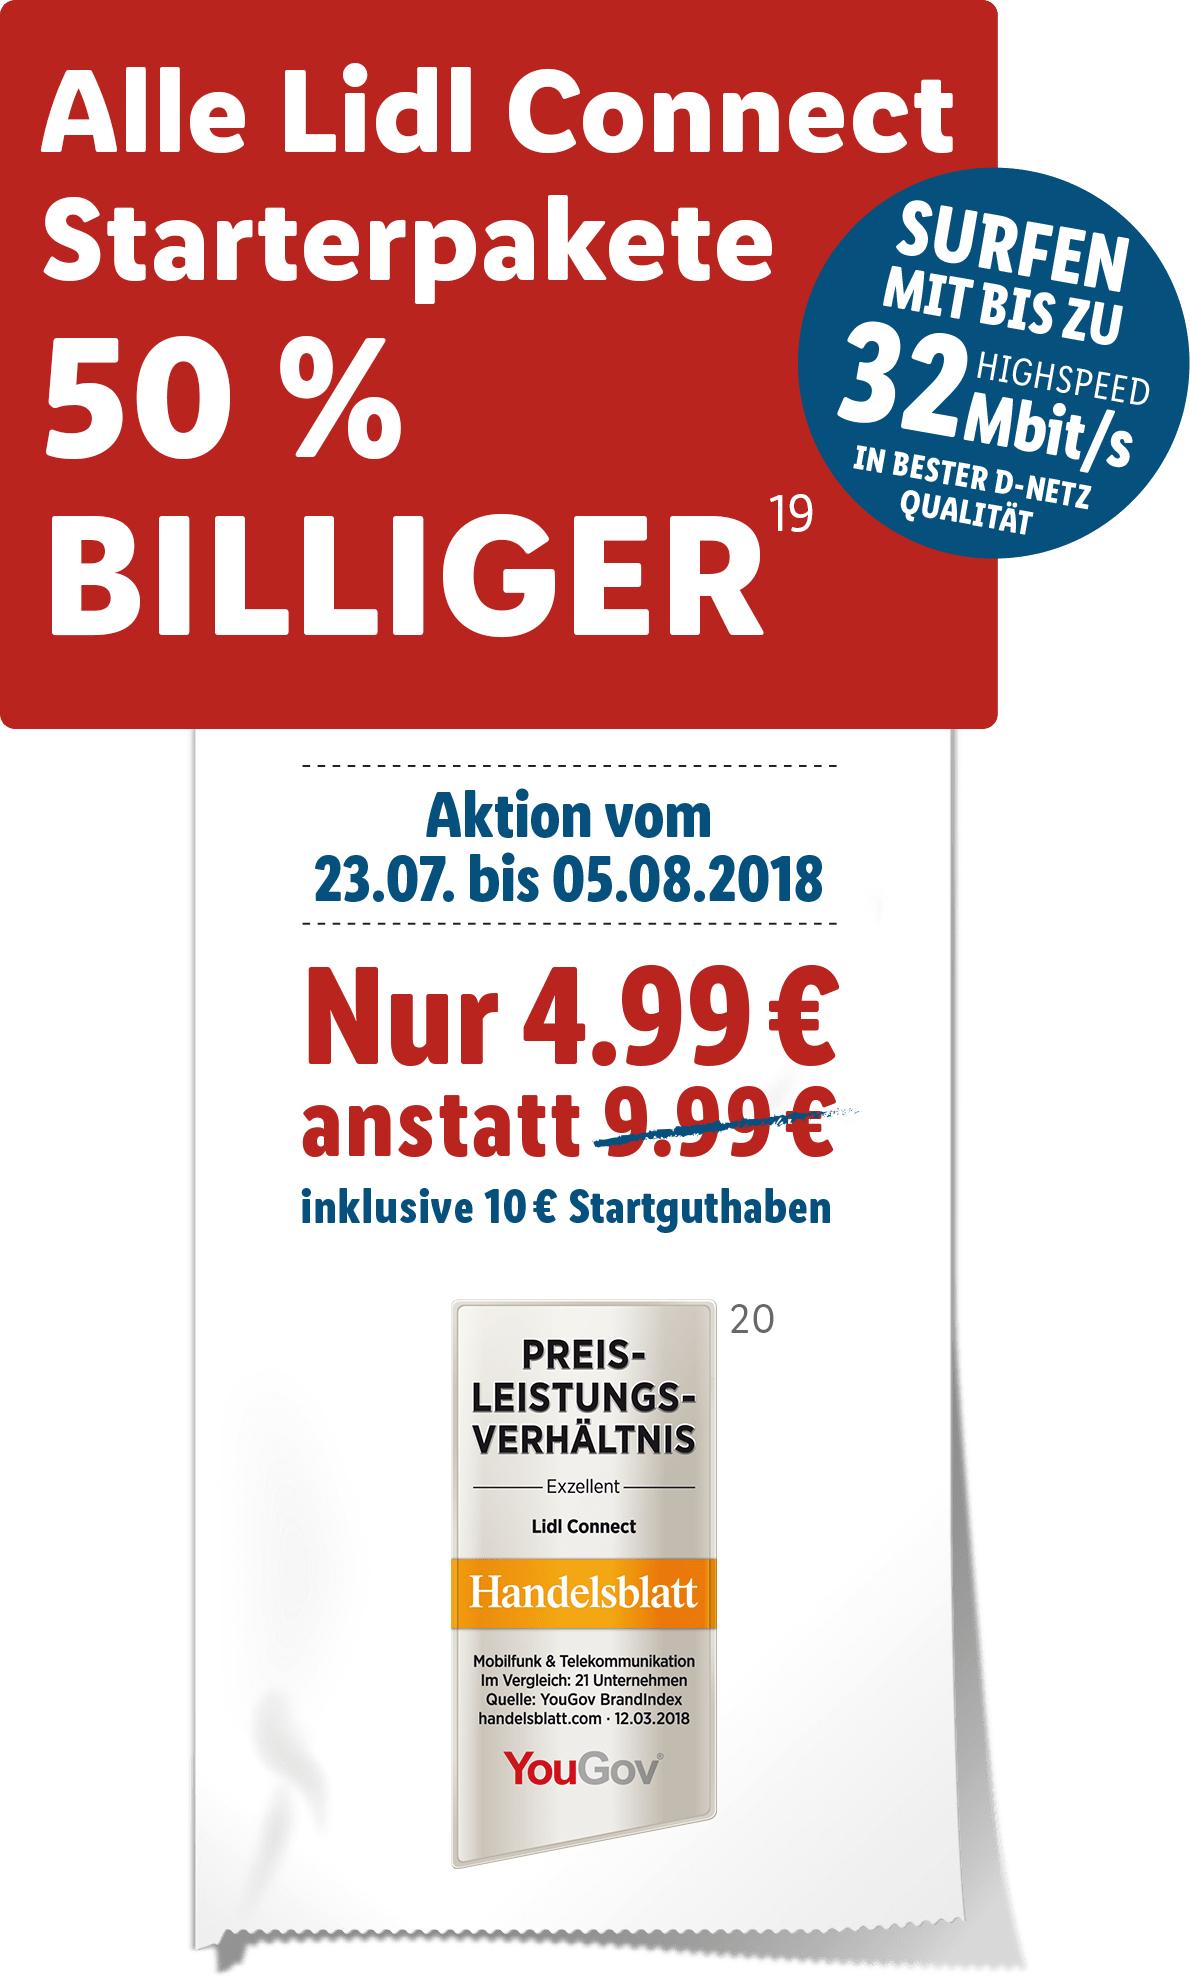 LIDL Connect (Vodafone-Netz) Starterpaket 50% günstiger inkl. 10 Euro Startguthaben - vom 23.07.18 bis 05.08.18!